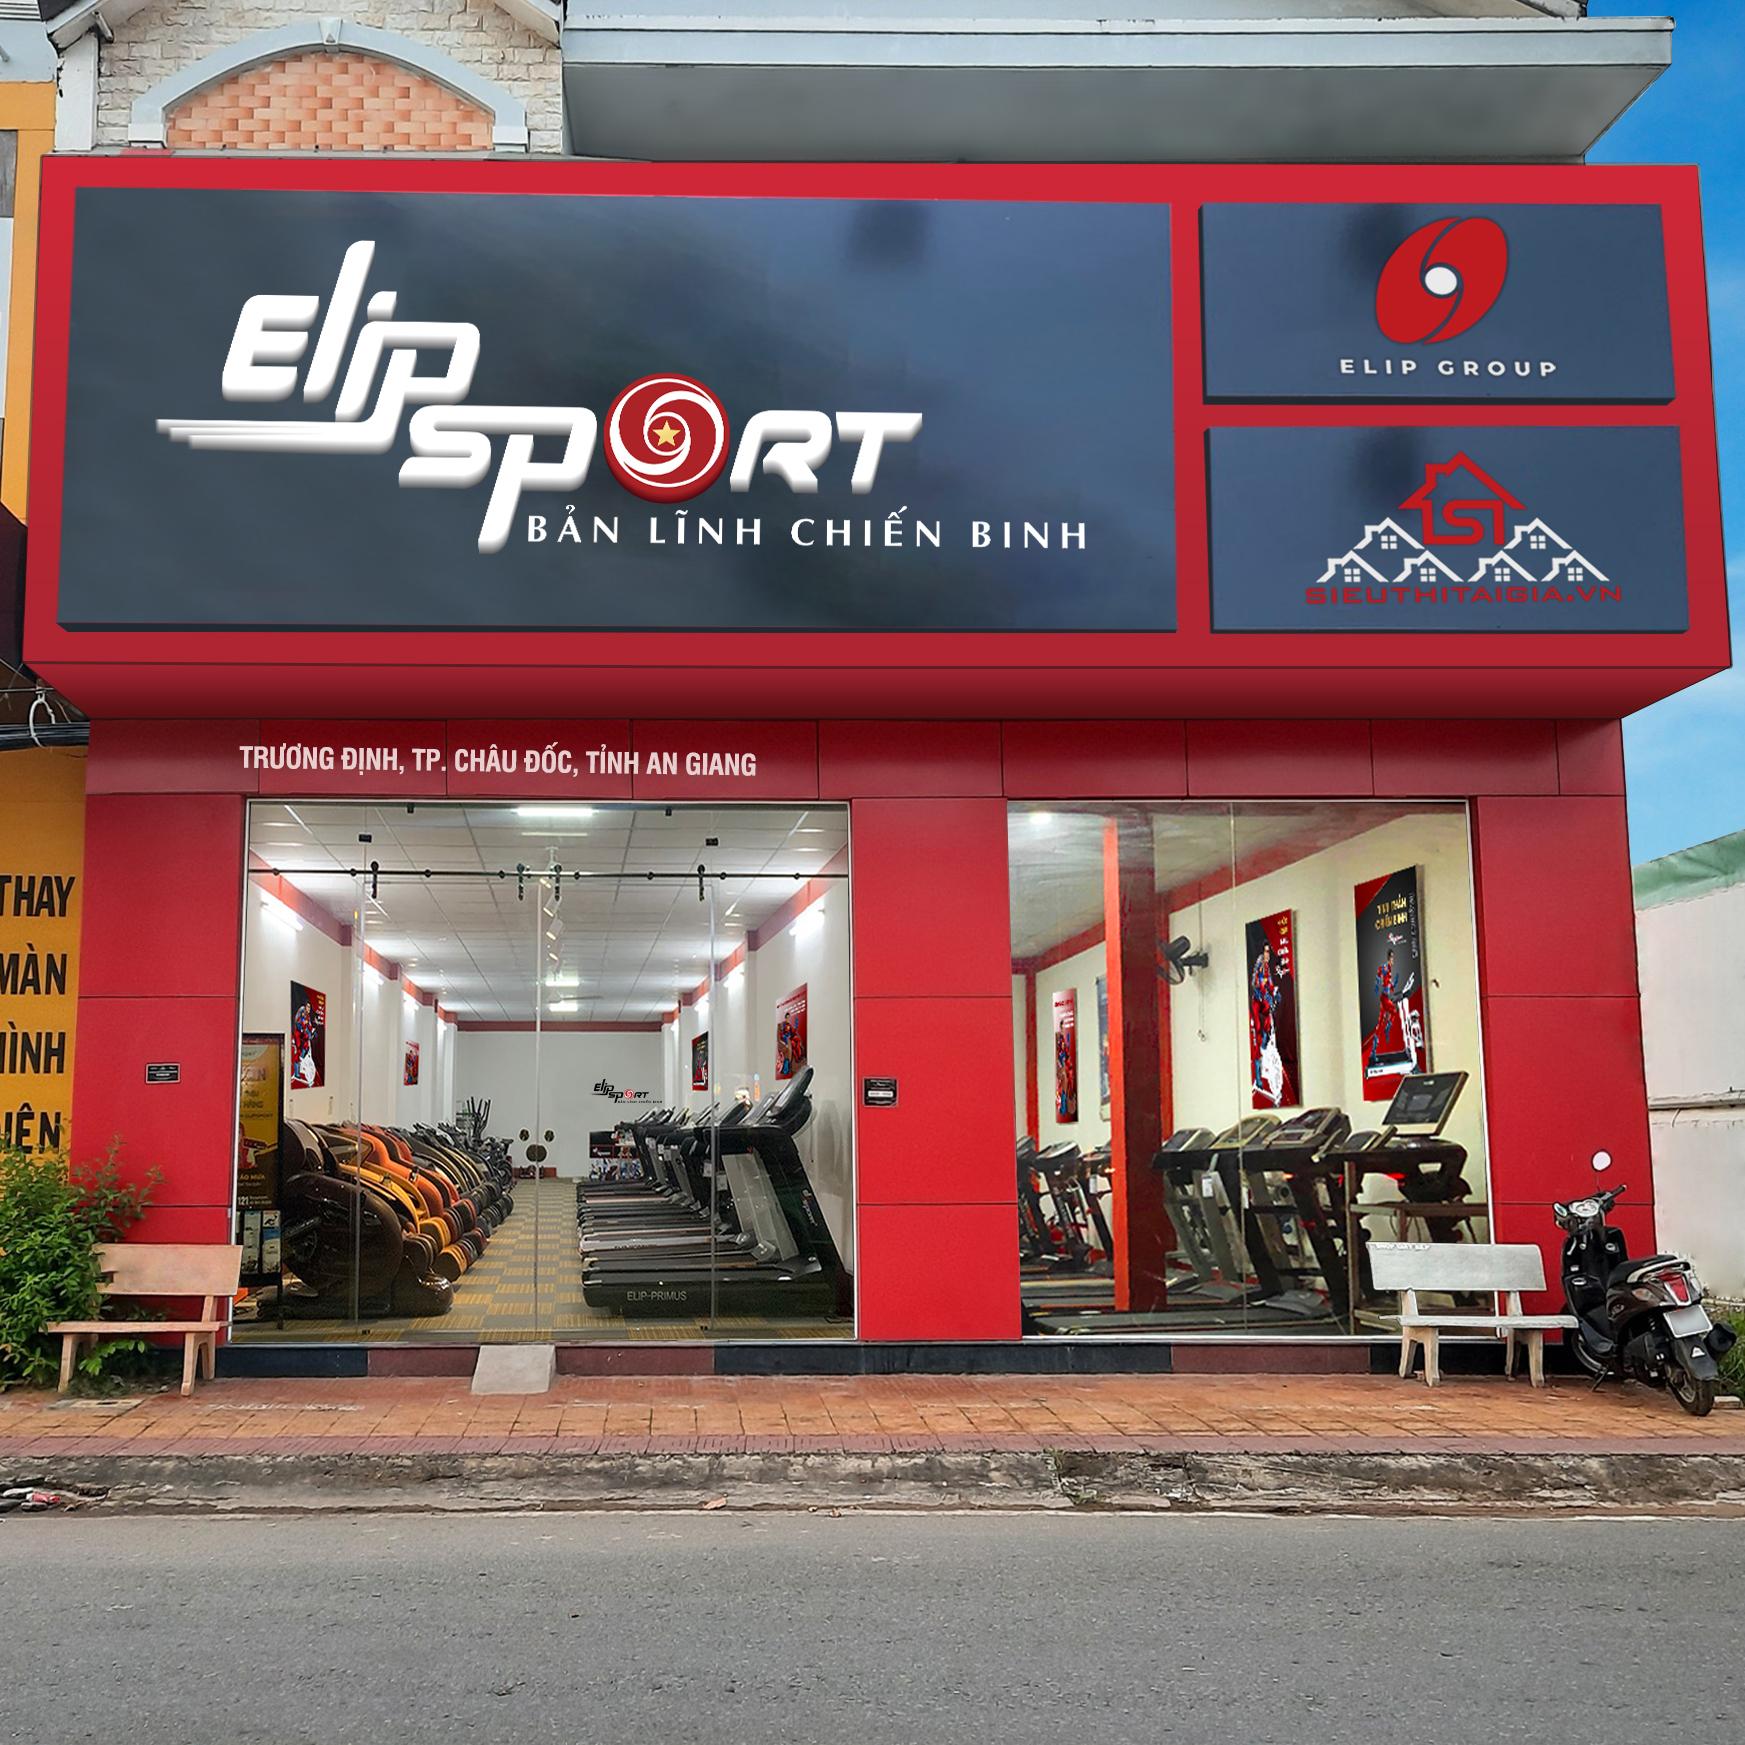 Hình ảnh của chi nhánh Elipsport Tp.Châu Đốc